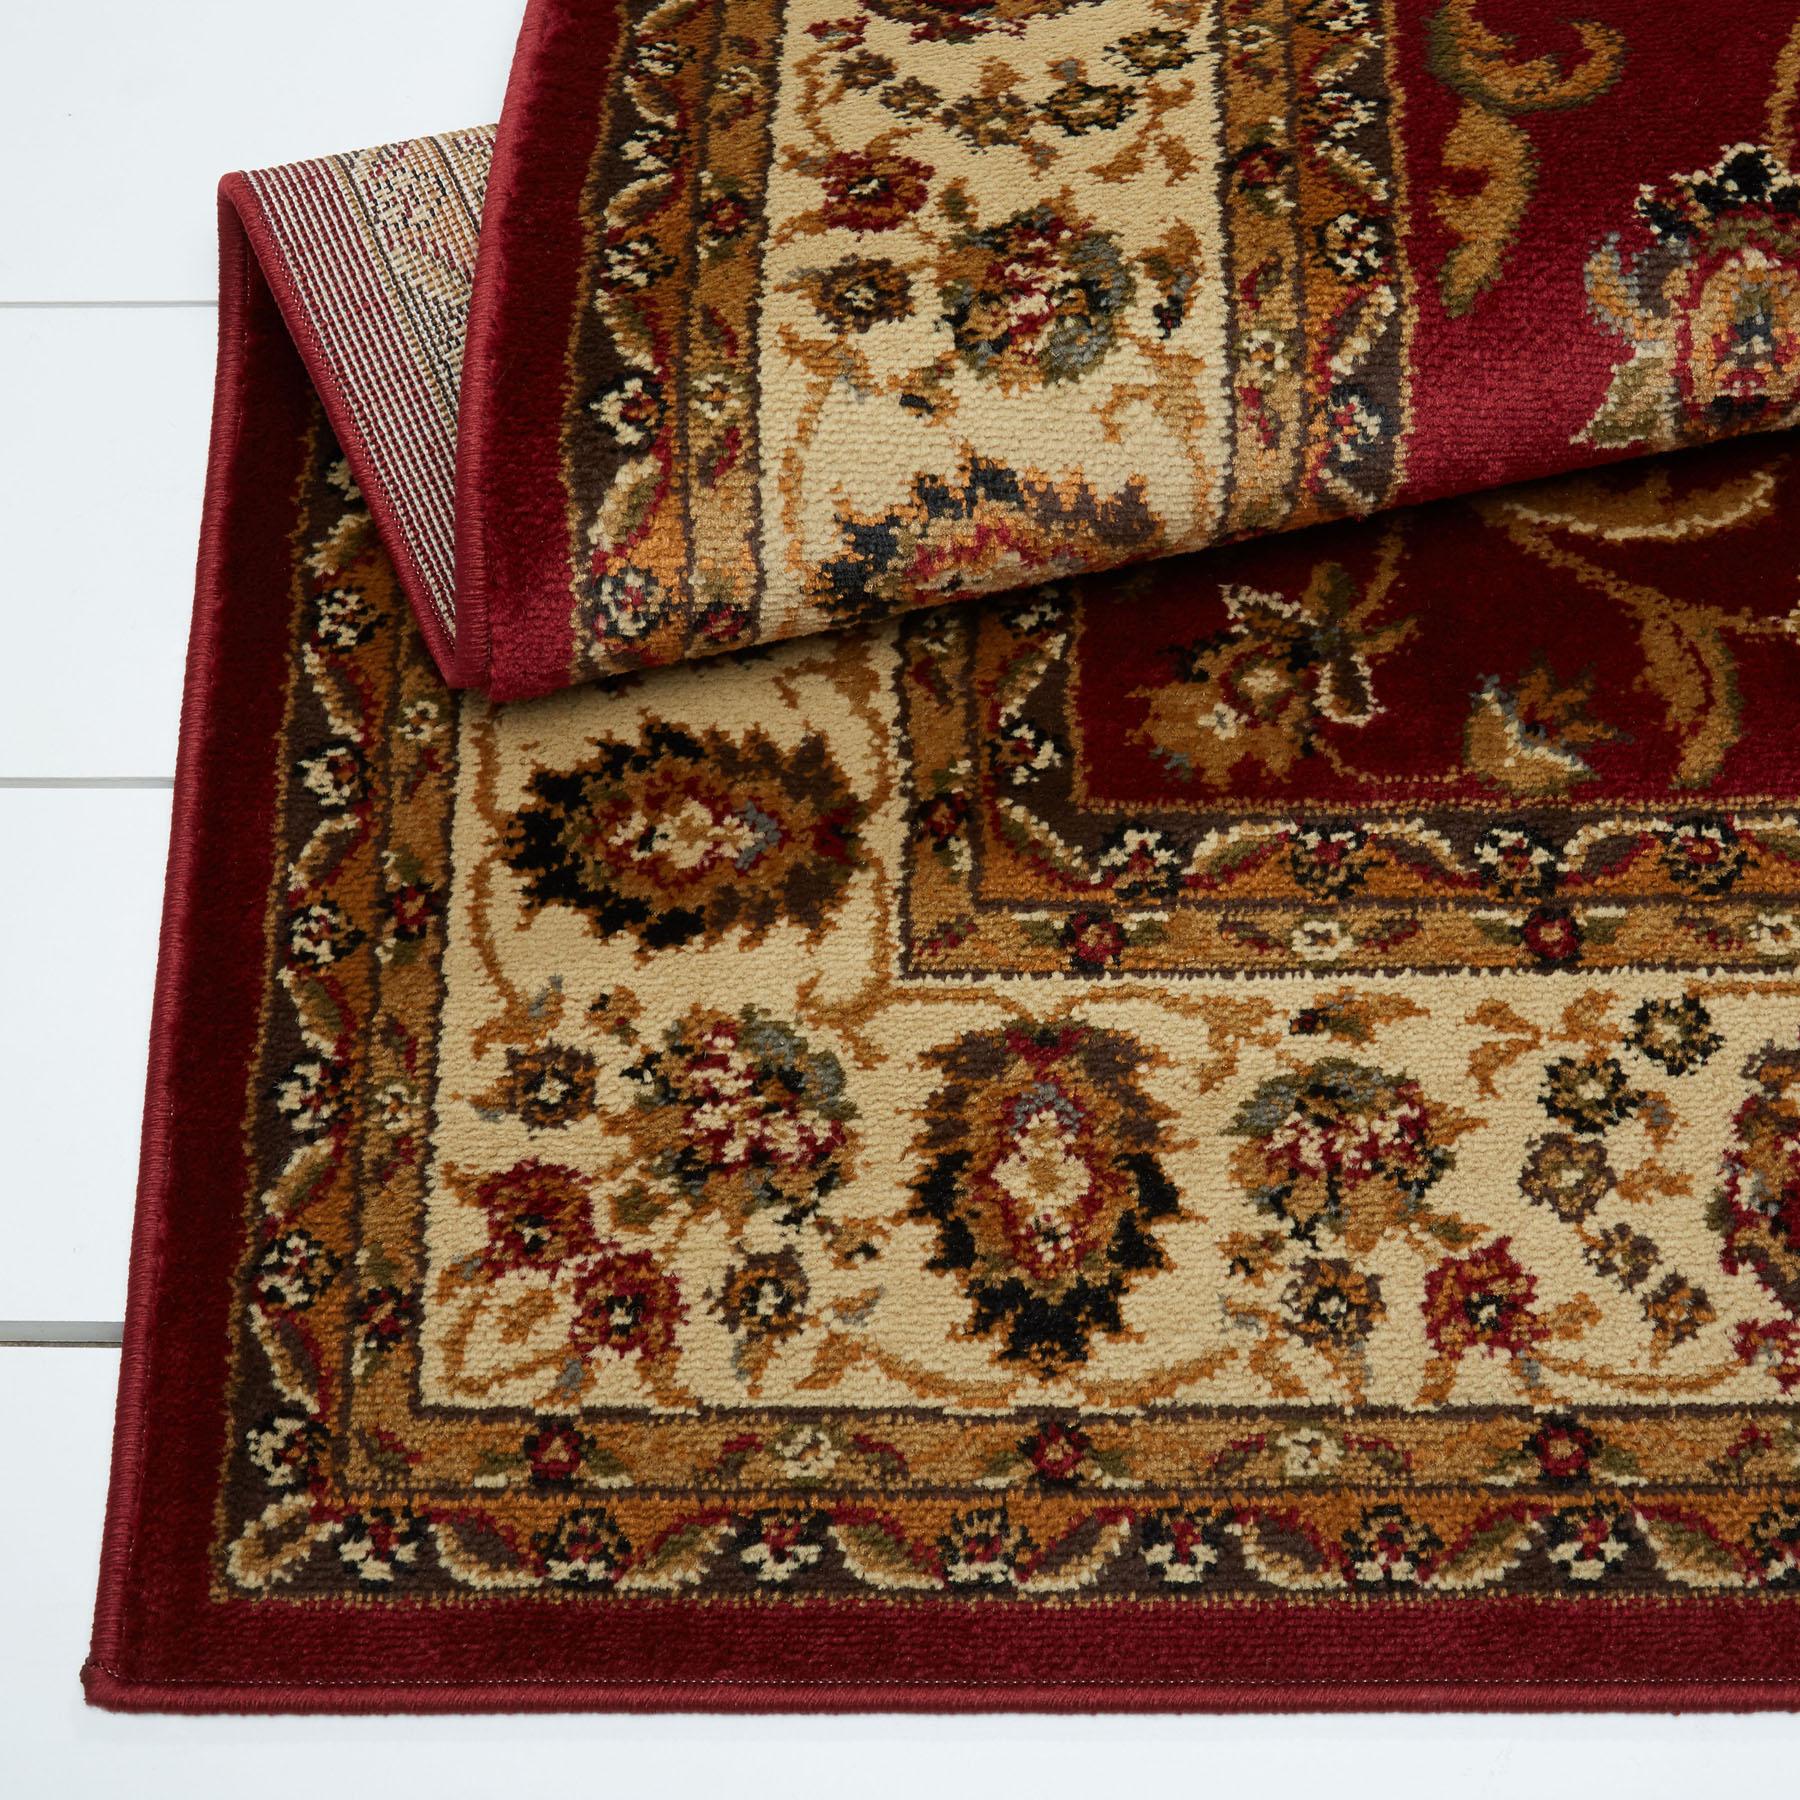 Persian Red Cream Area Rug 8x11 Oriental Carpet 08